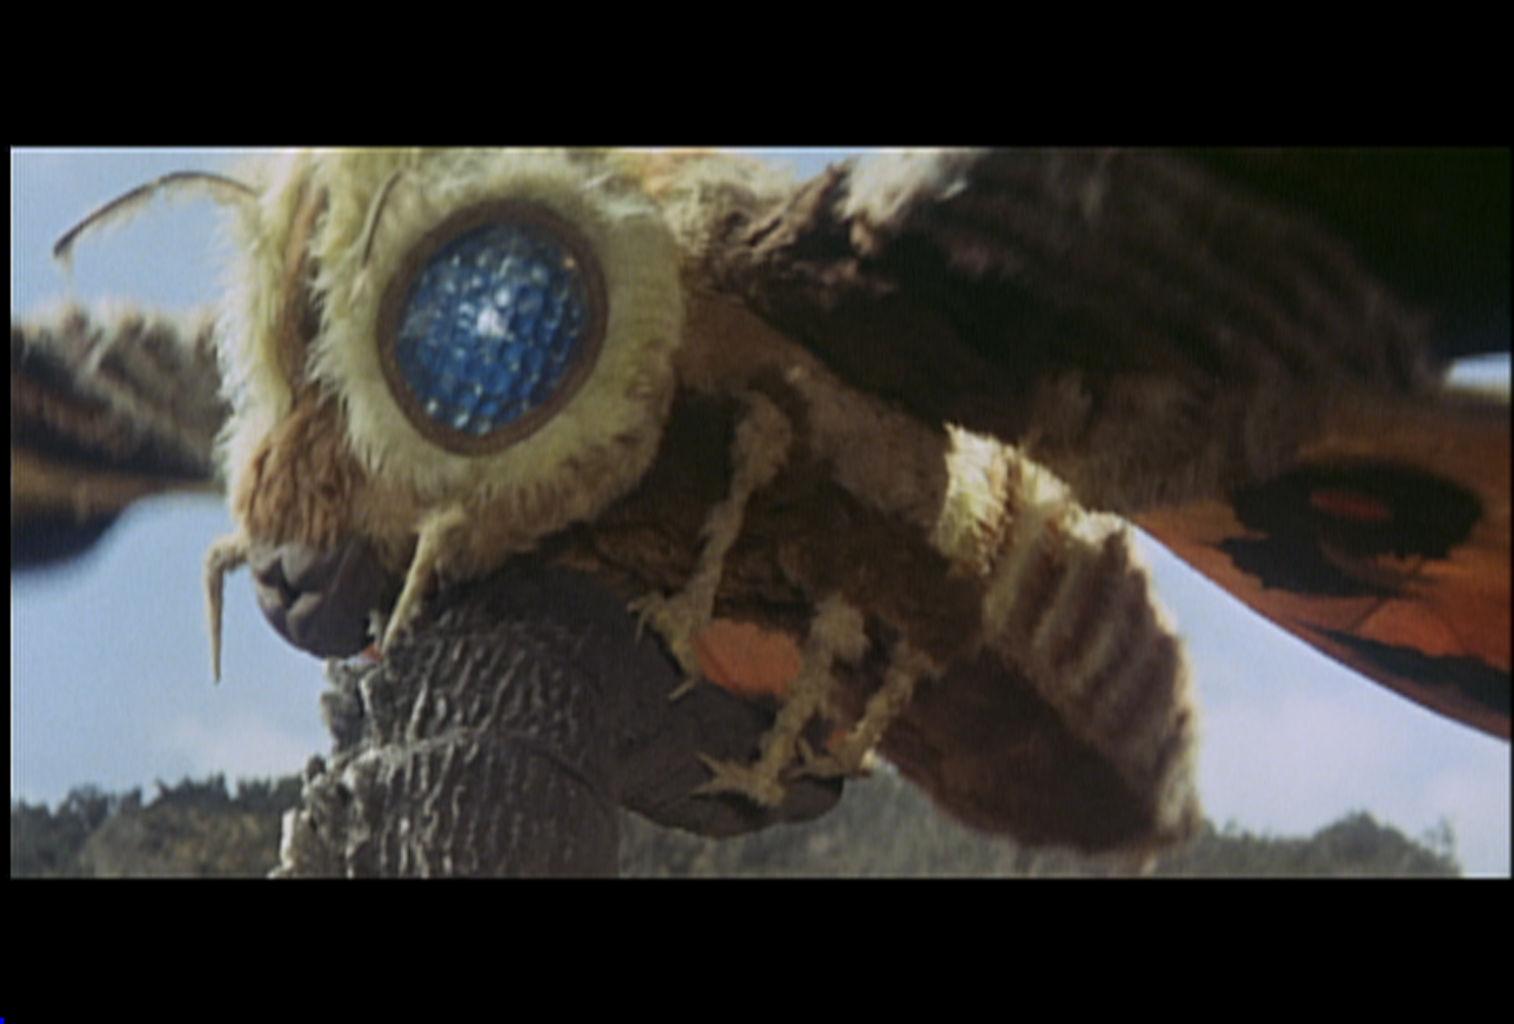 Mothra contra Godzilla